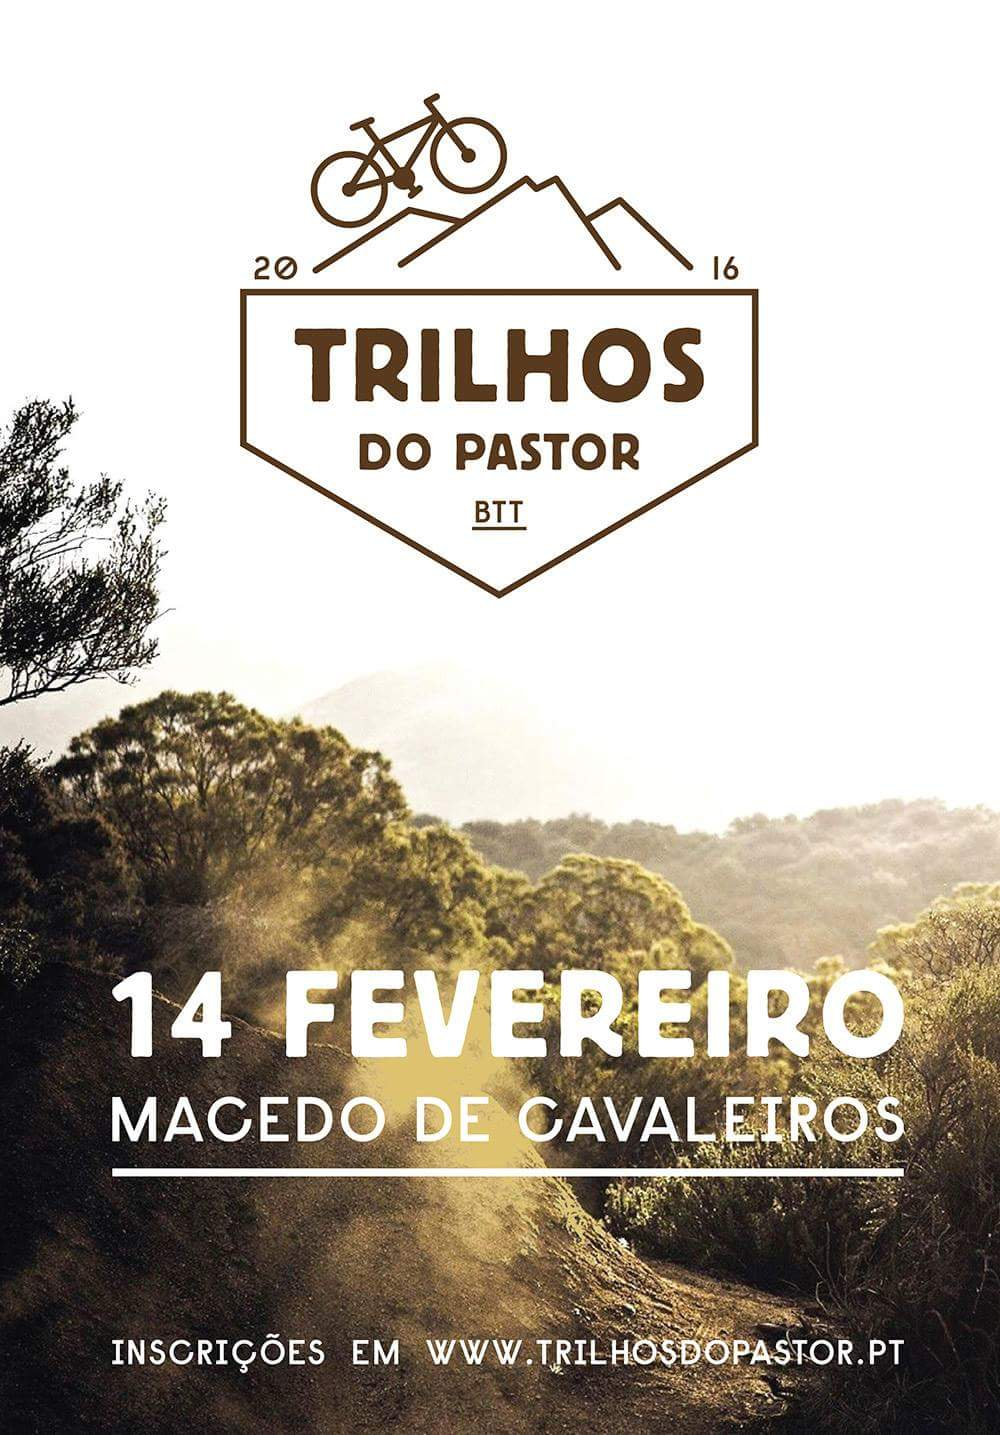 14FEV * MACEDO DE CAVALEIROS